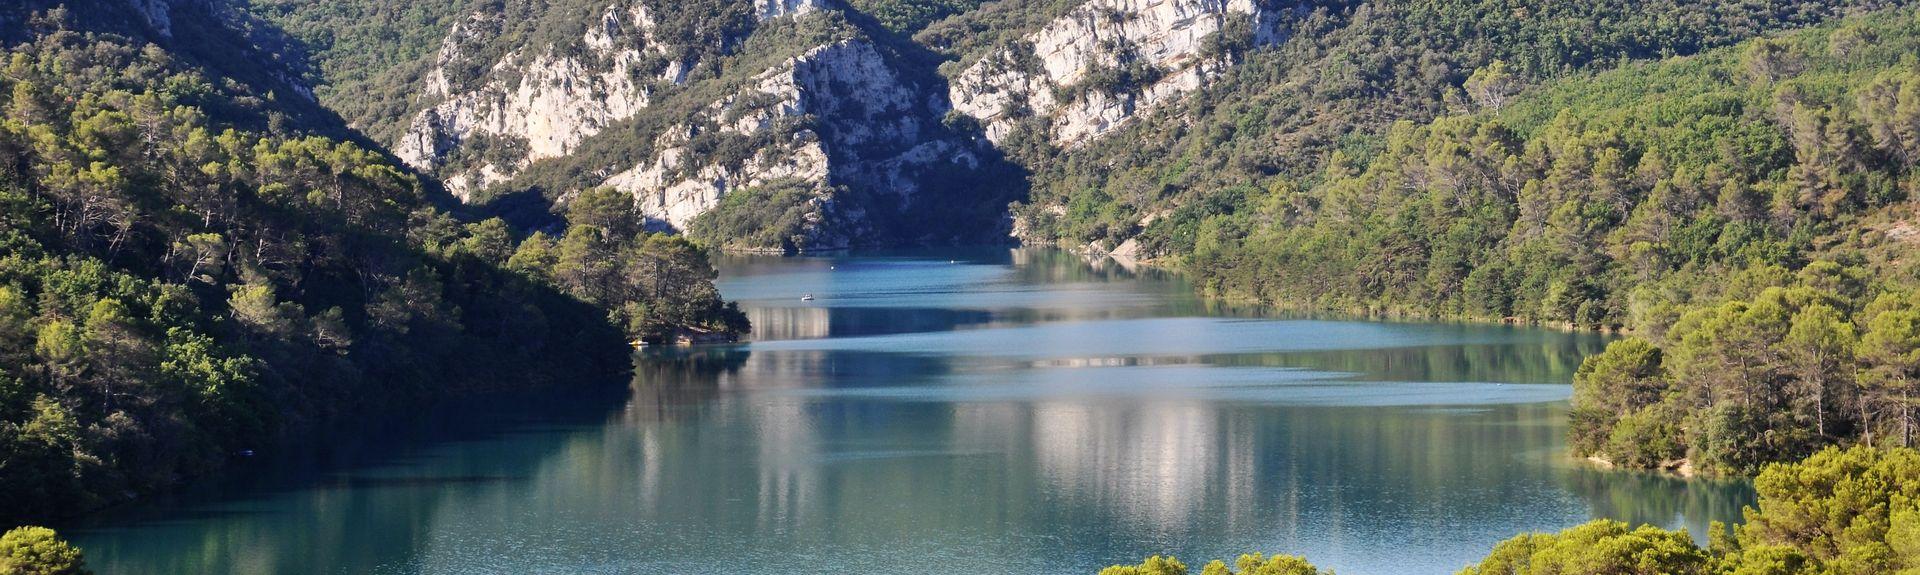 Sainte-Tulle, Alpes-de-Haute-Provence (département), France